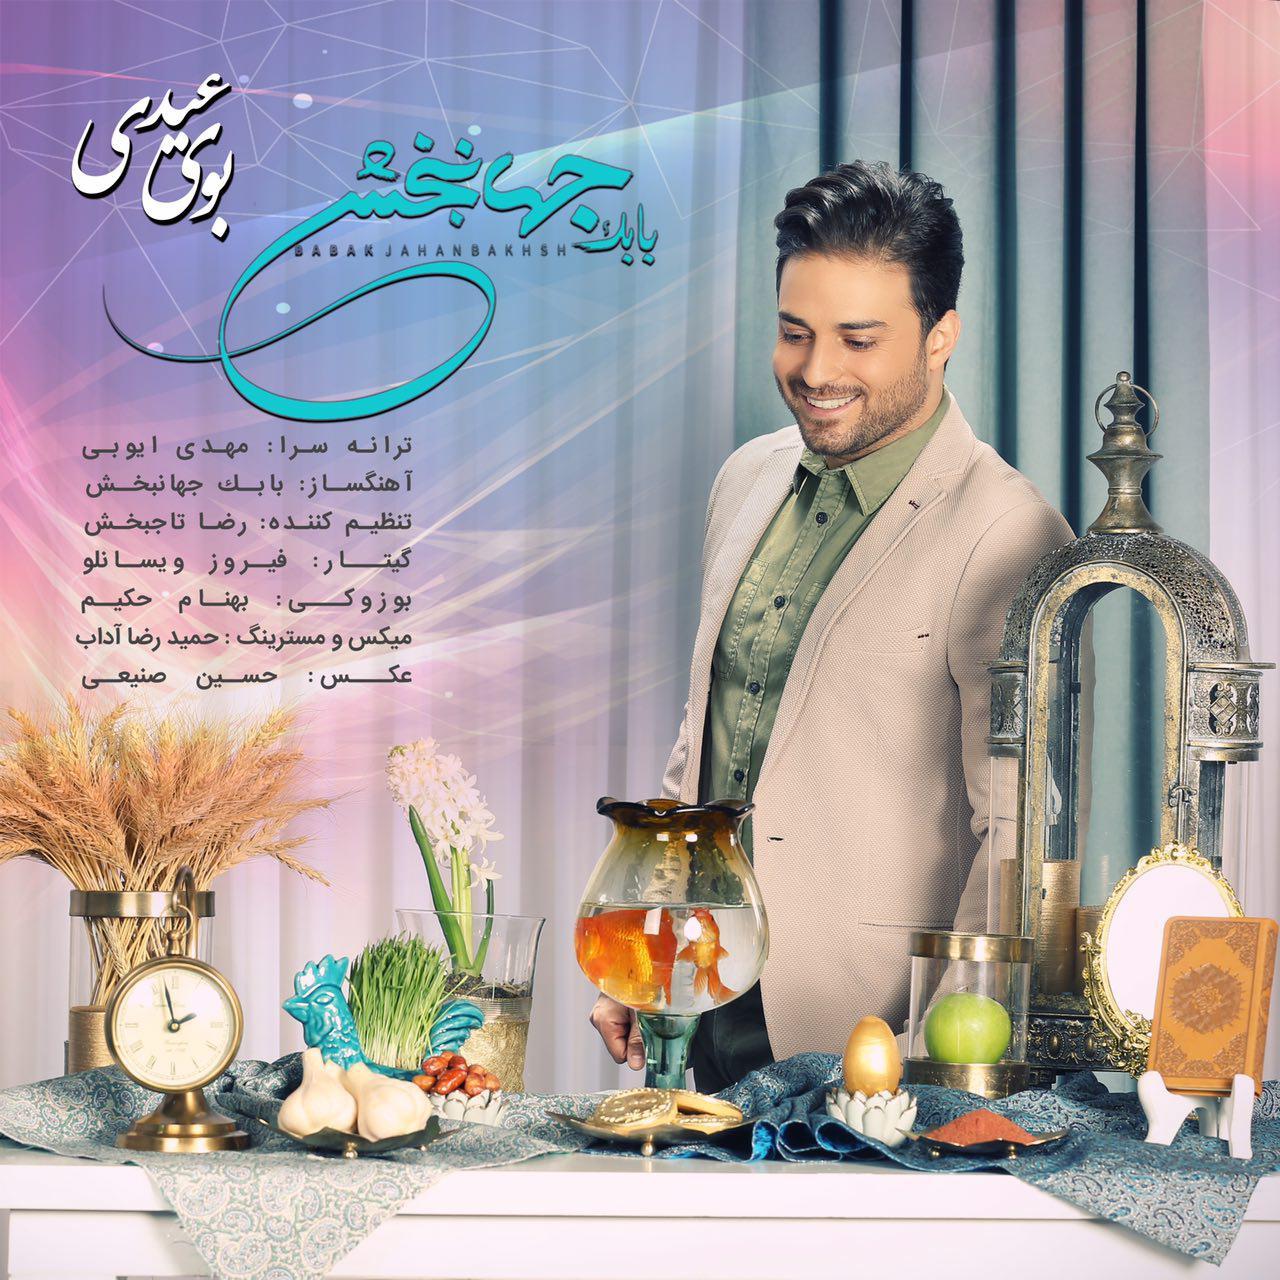 دانلود موزیک ویدیو بوی عیدی بابک جهانبخش سال تحویل